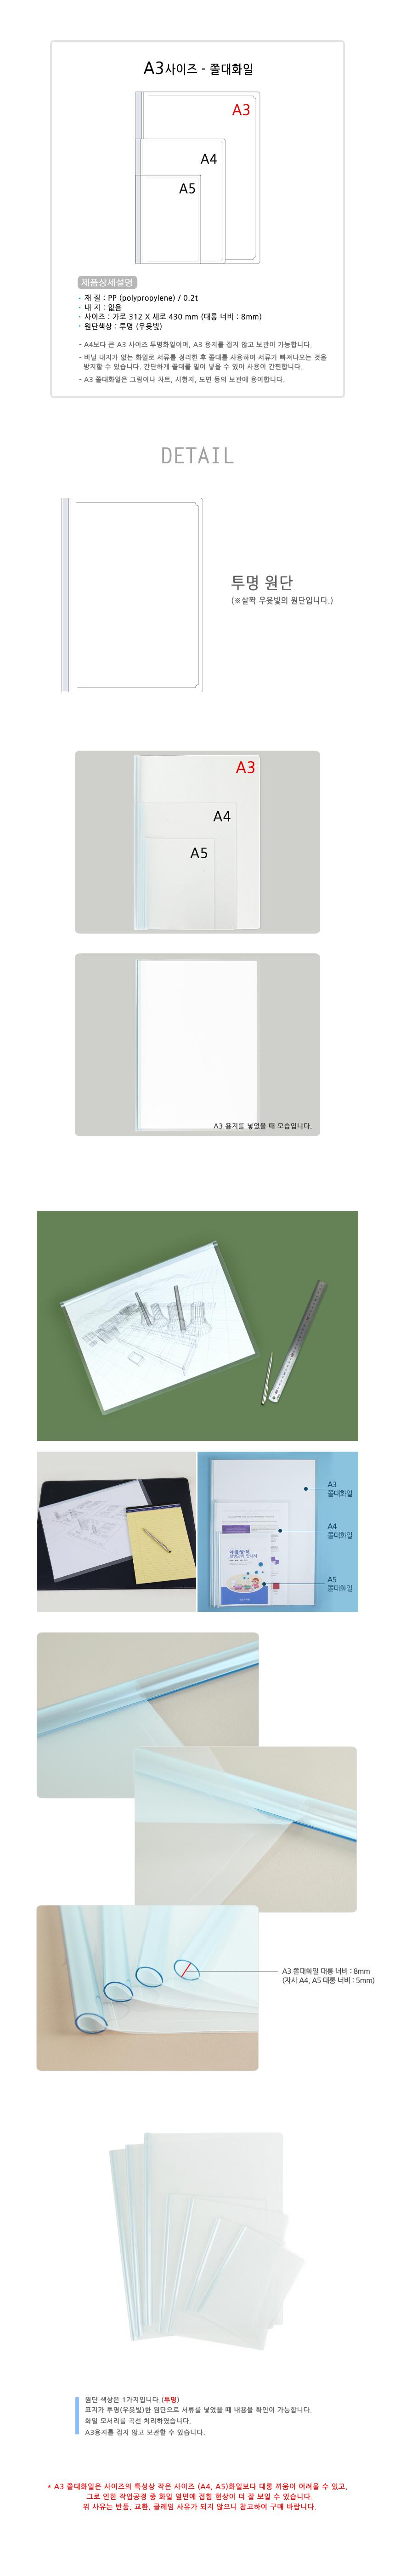 쫄대화일 둥근쫄대화일 A5 A4 A3 20매 10매묶음 - 아인텍, 4,400원, 파일/클립보드, 쫄대 화일